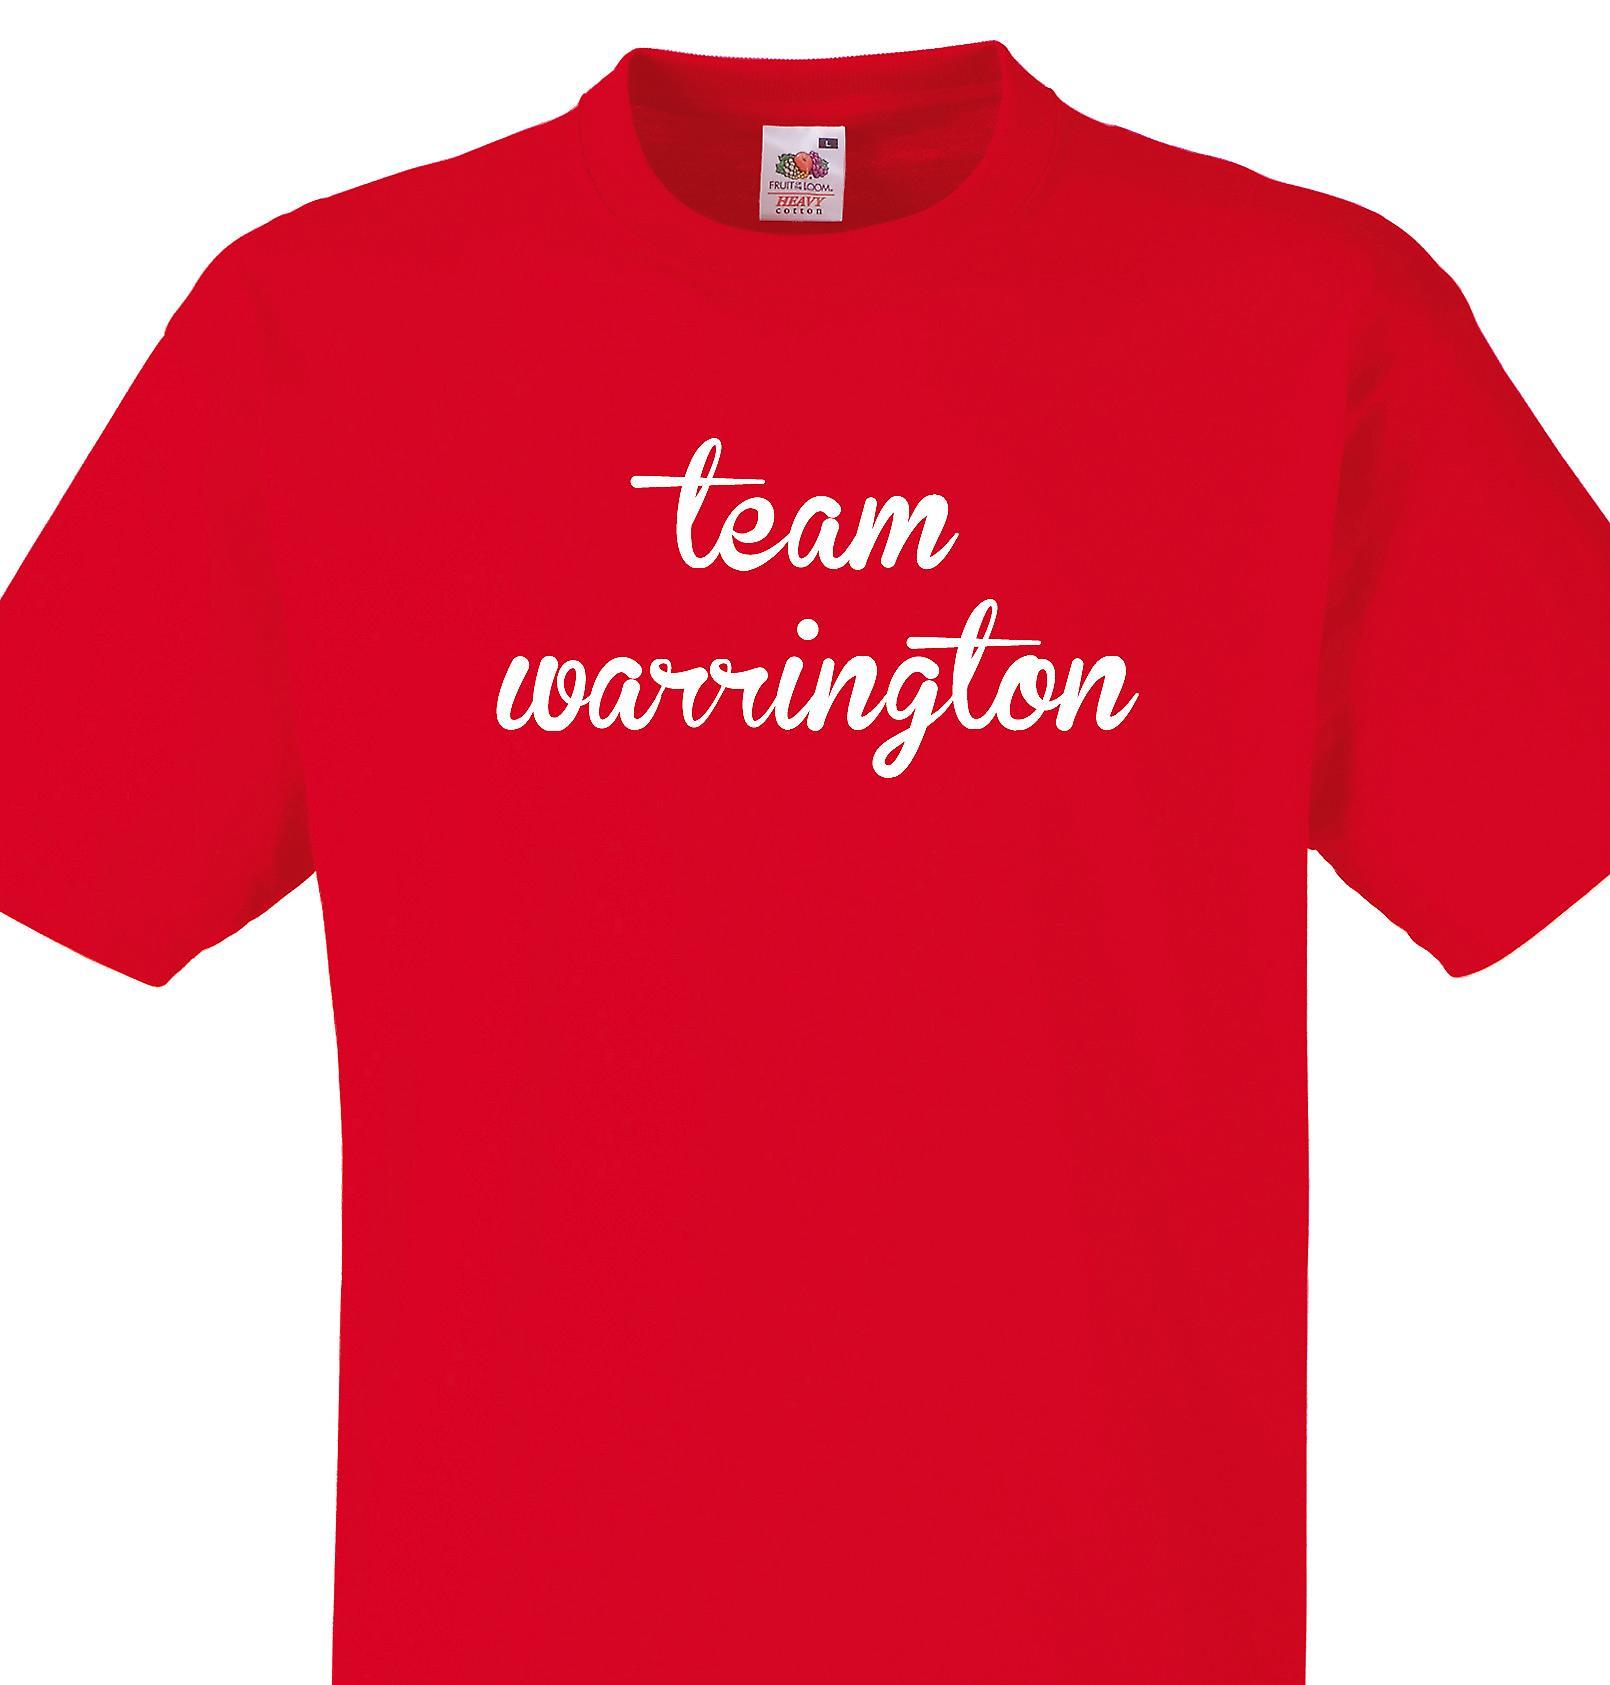 Team Warrington Red T shirt